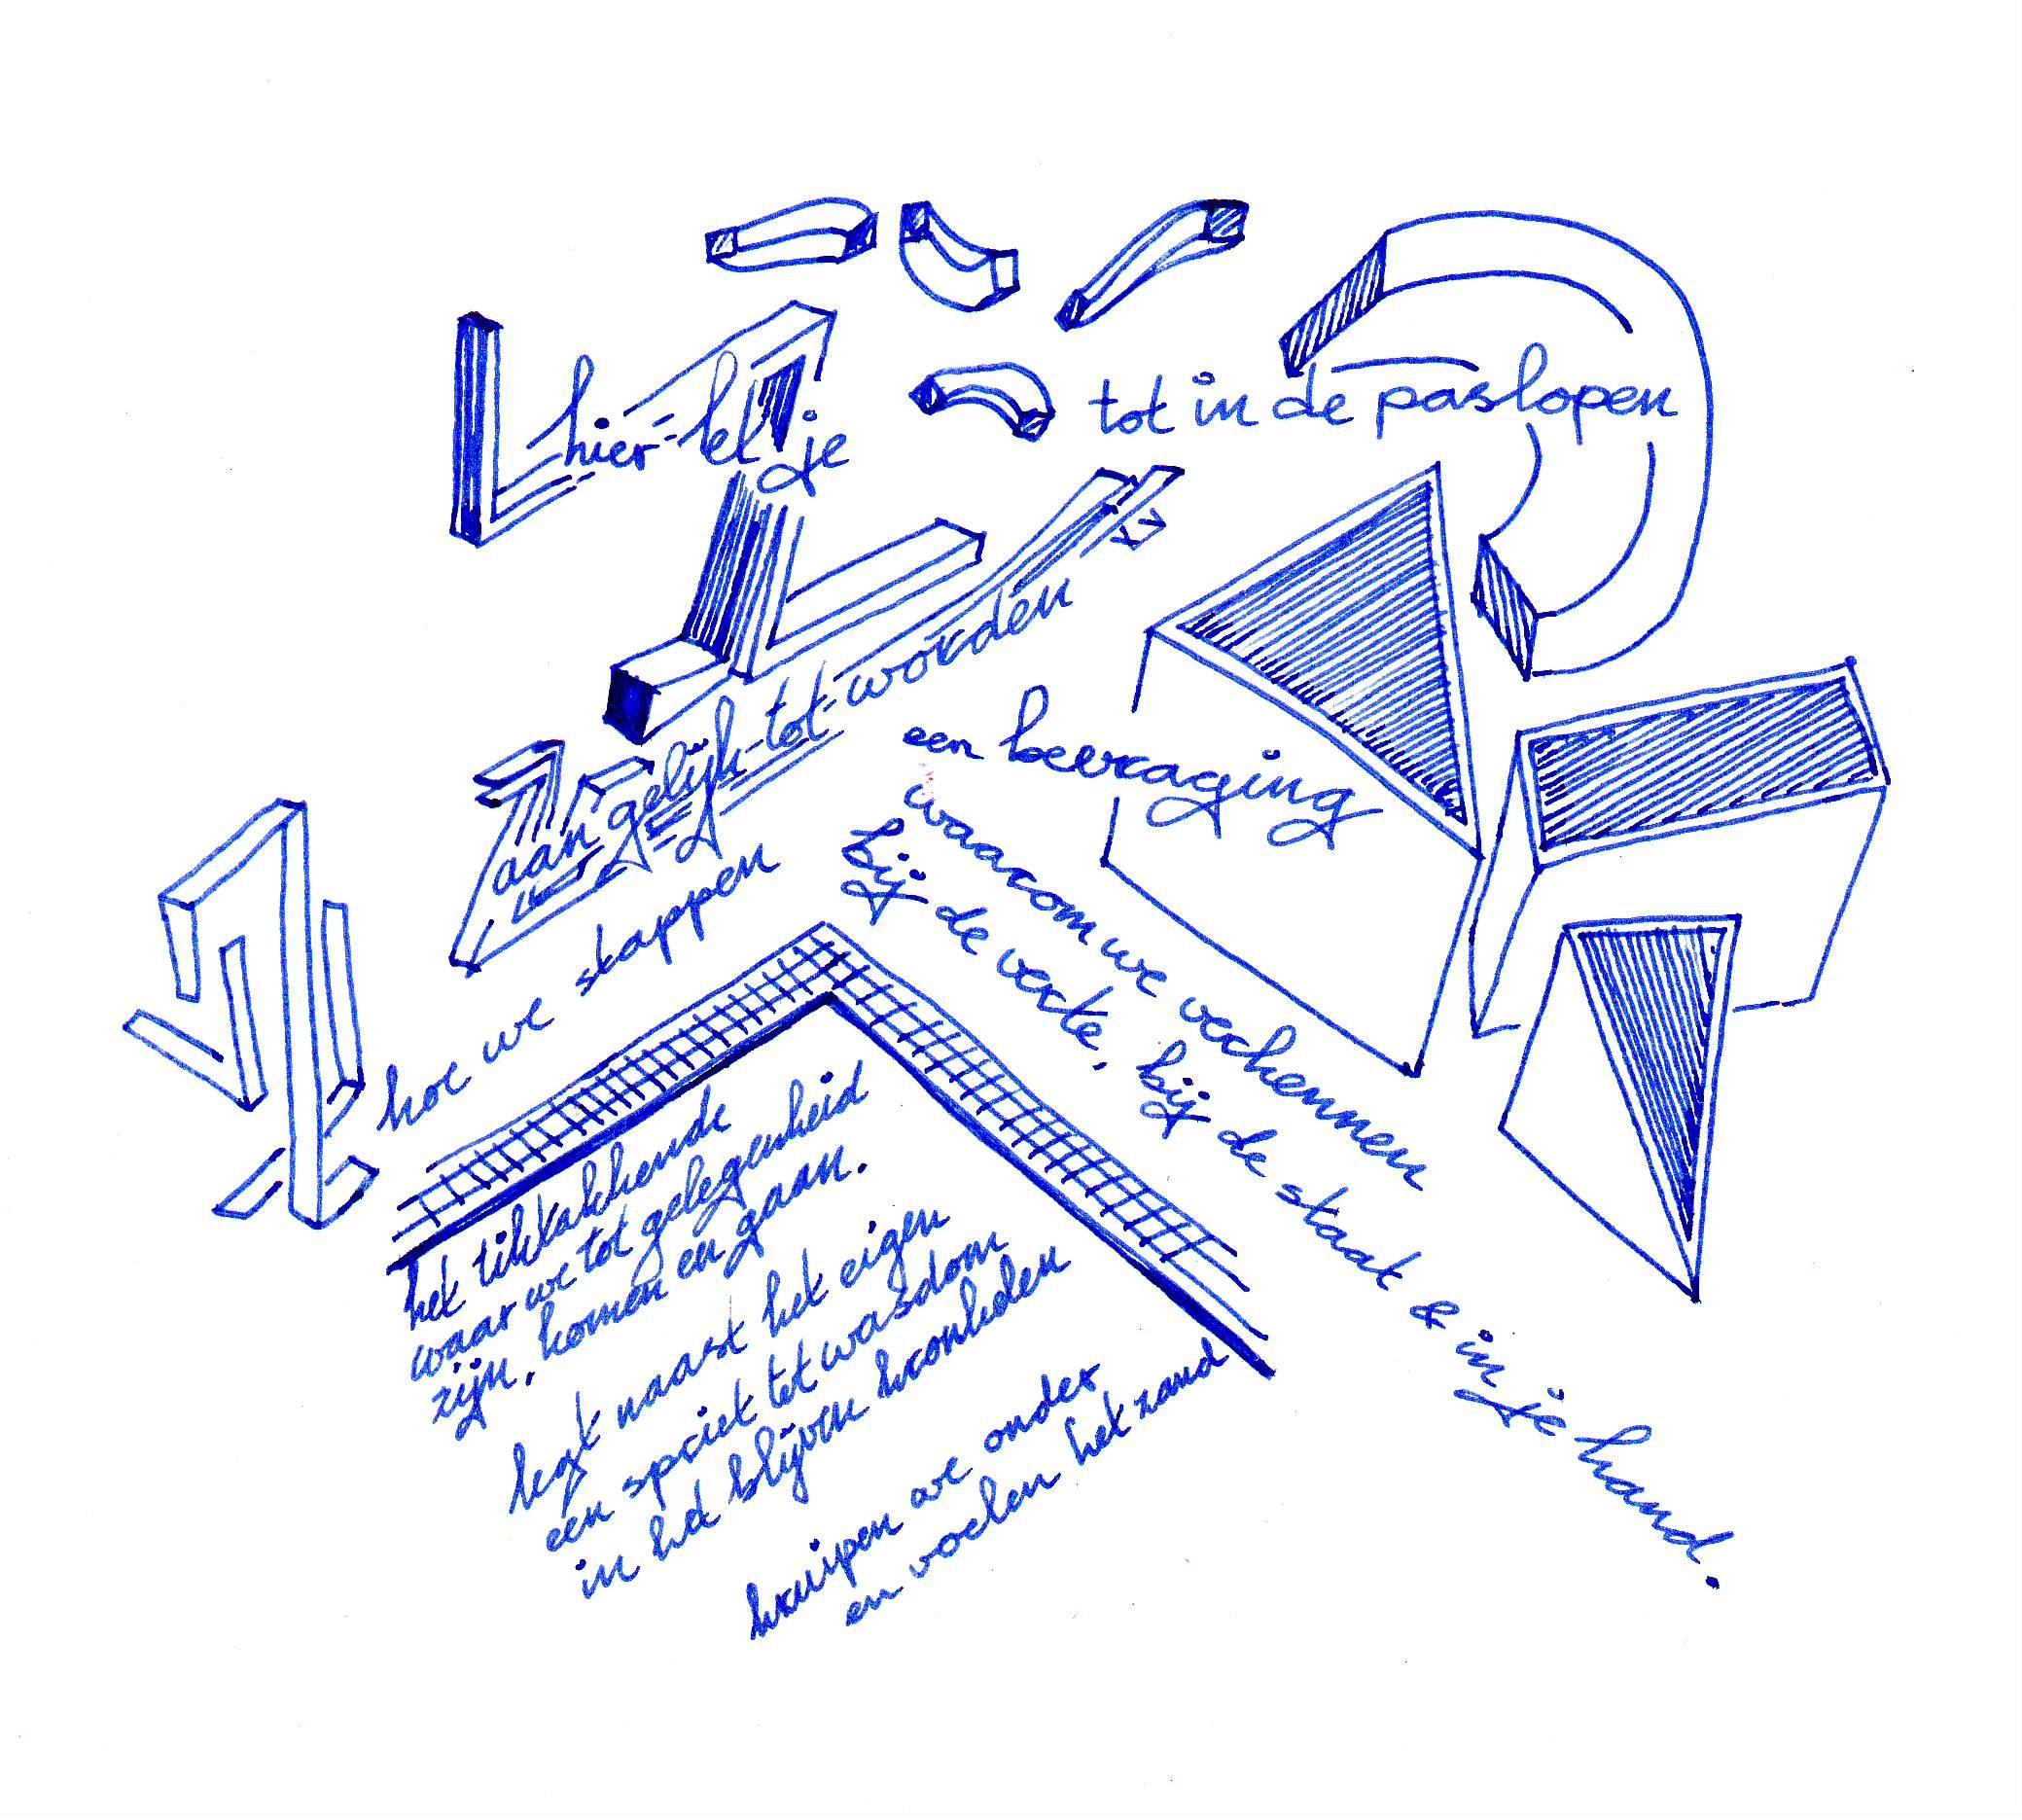 poëzietekening 01/02/2011 acg vianen